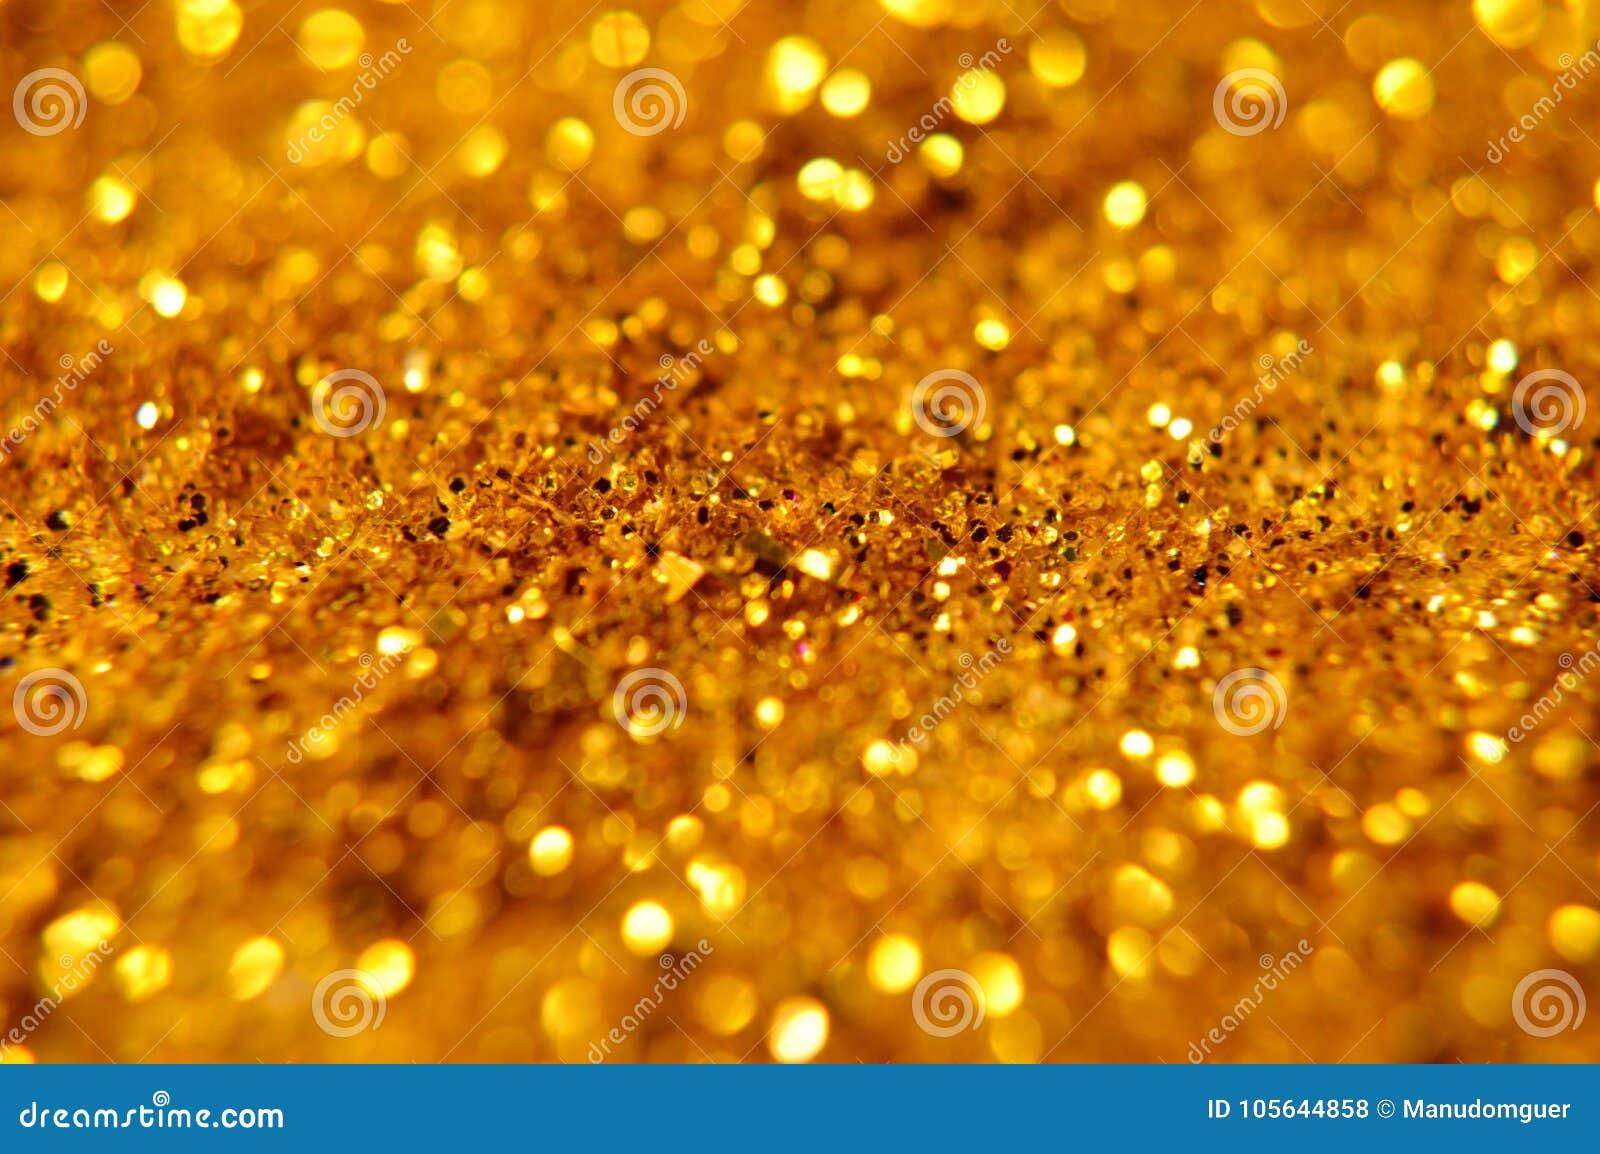 Nouvelle année de Noël et fond de scintillement d or Tissu abstrait de texture de vacances